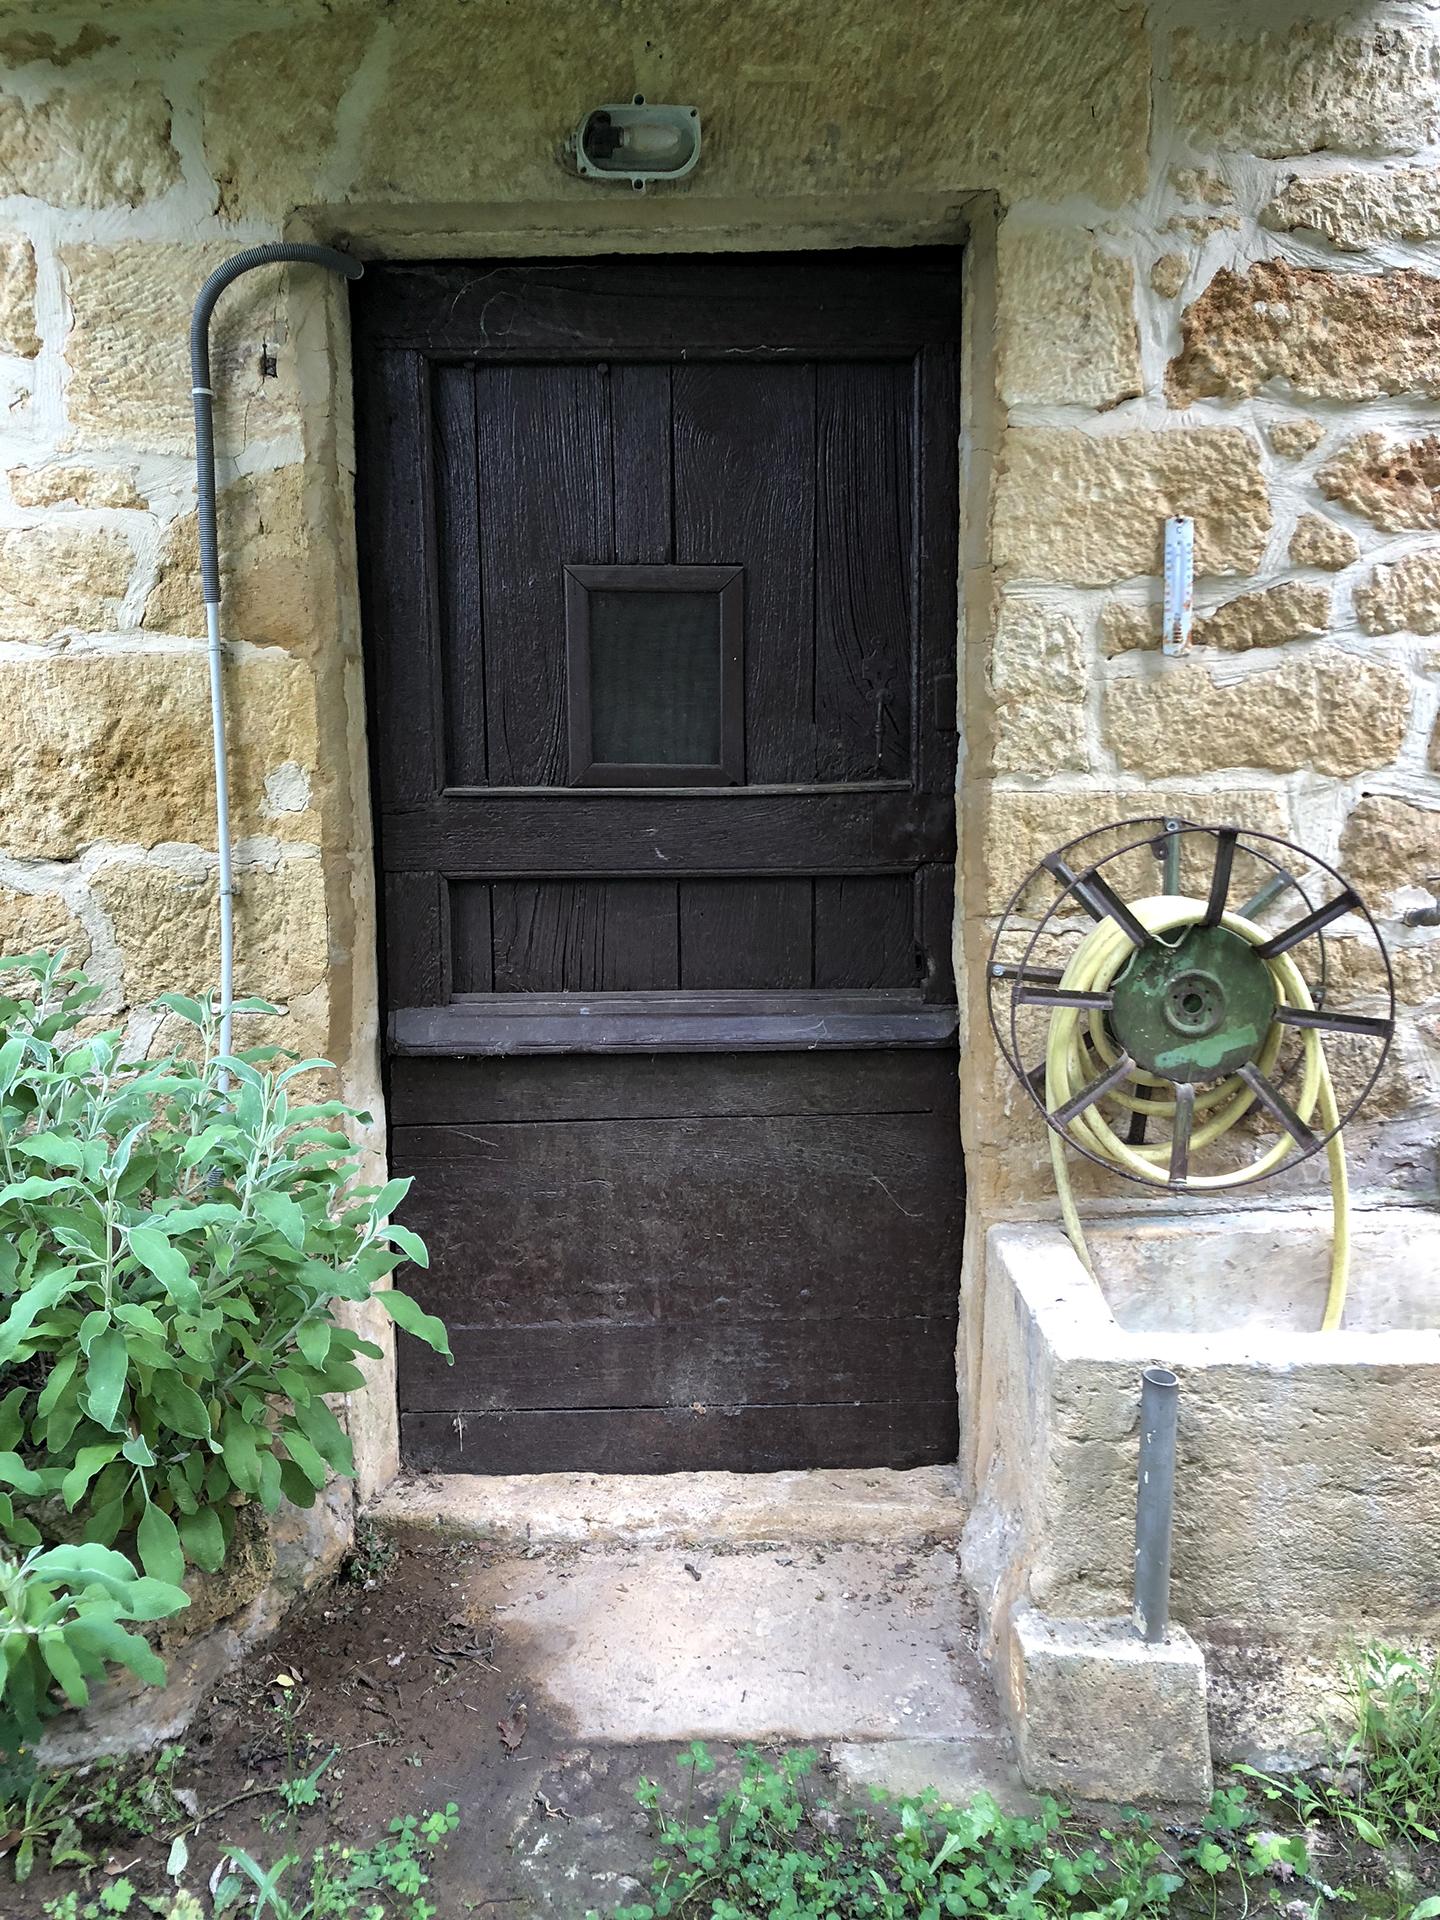 Entrance to the cellar